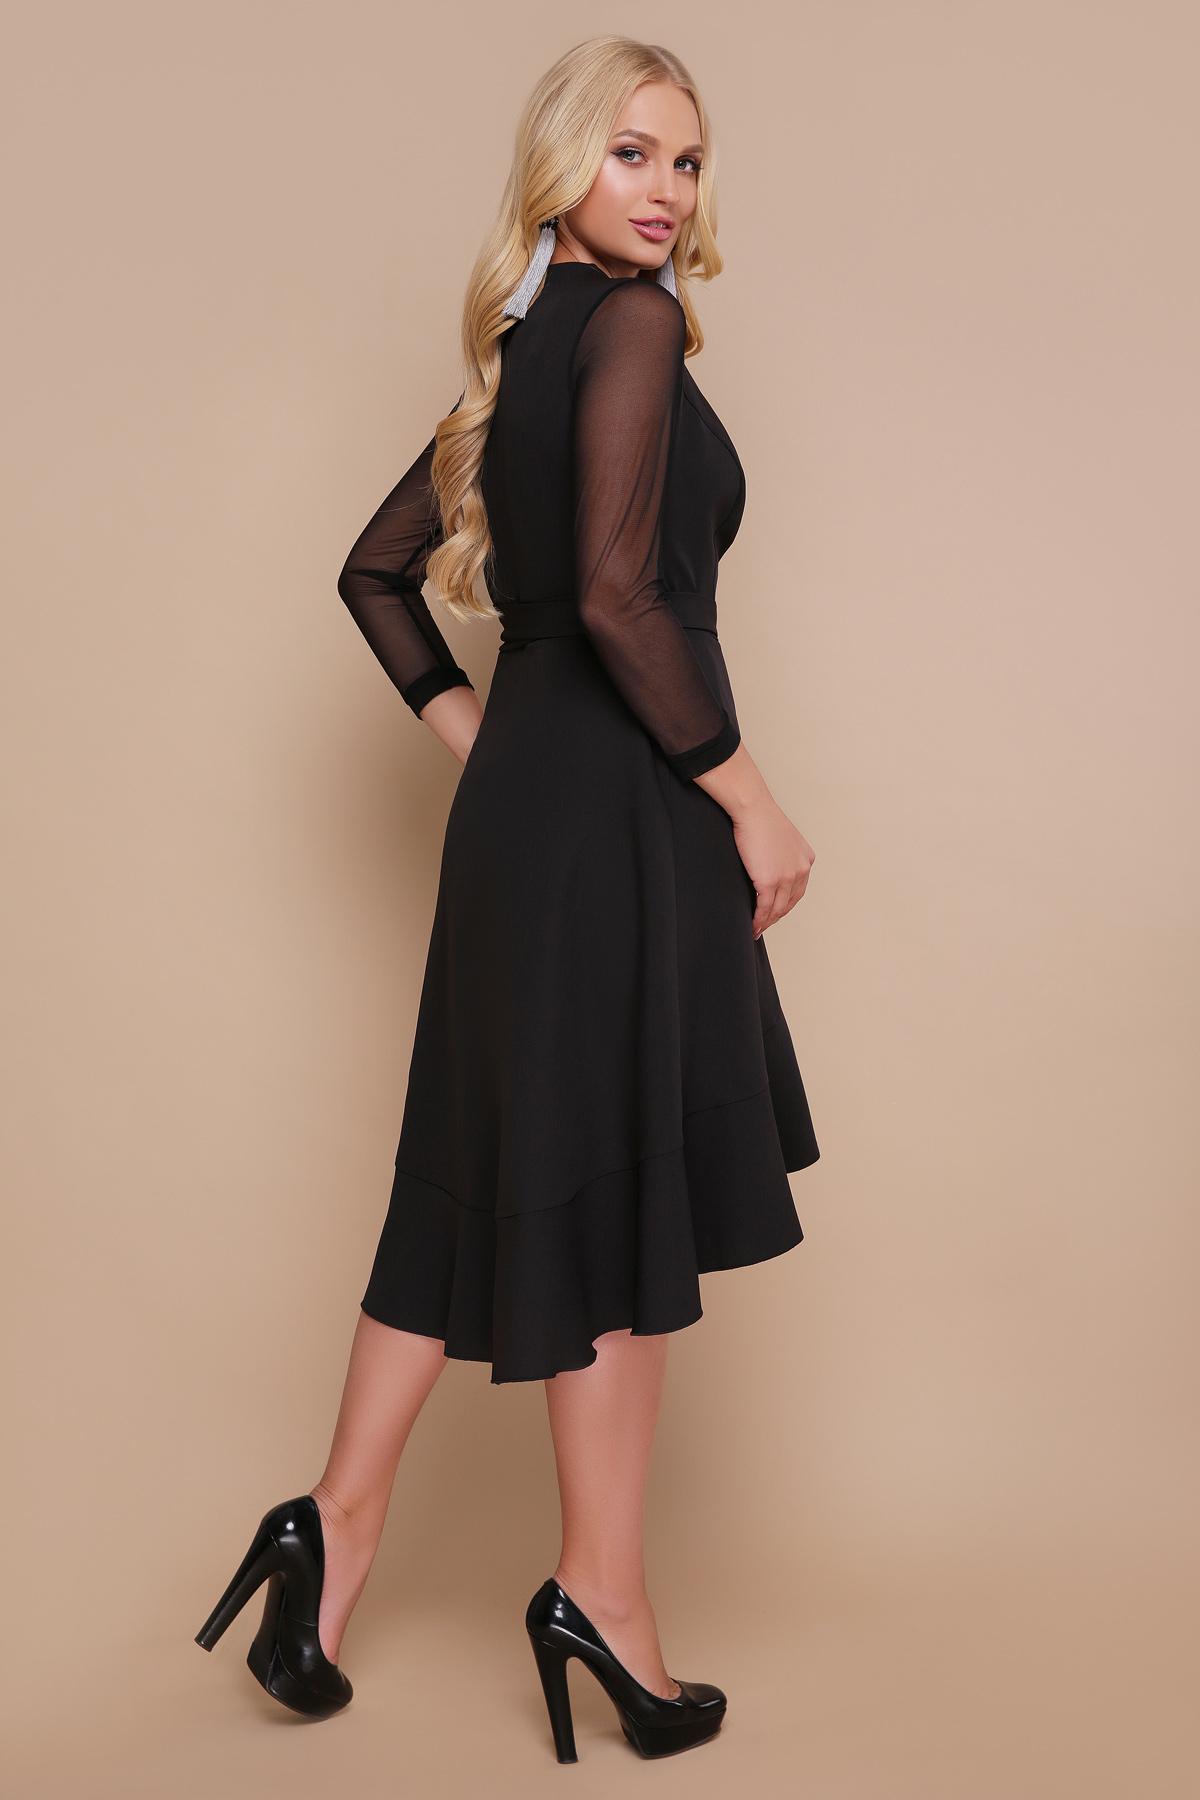 7abf90b9291 Красное платье с воланом по низу Алеся-Б д р - купить в Украине